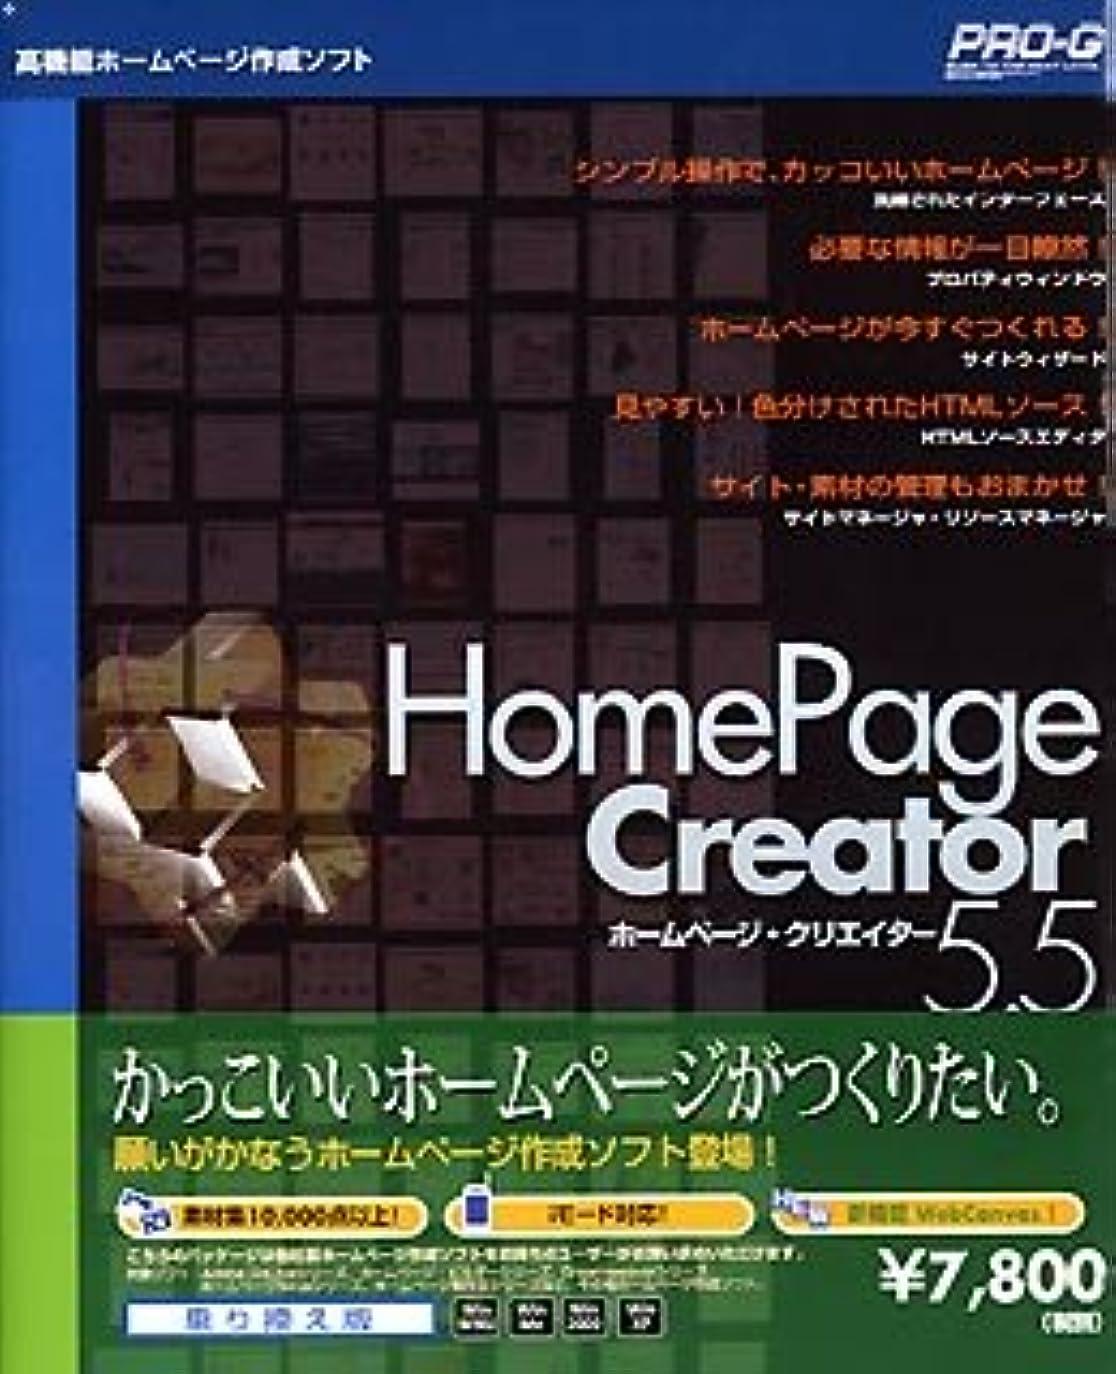 ロシア占める南アメリカHomePage Creator 5.5 乗り換え版